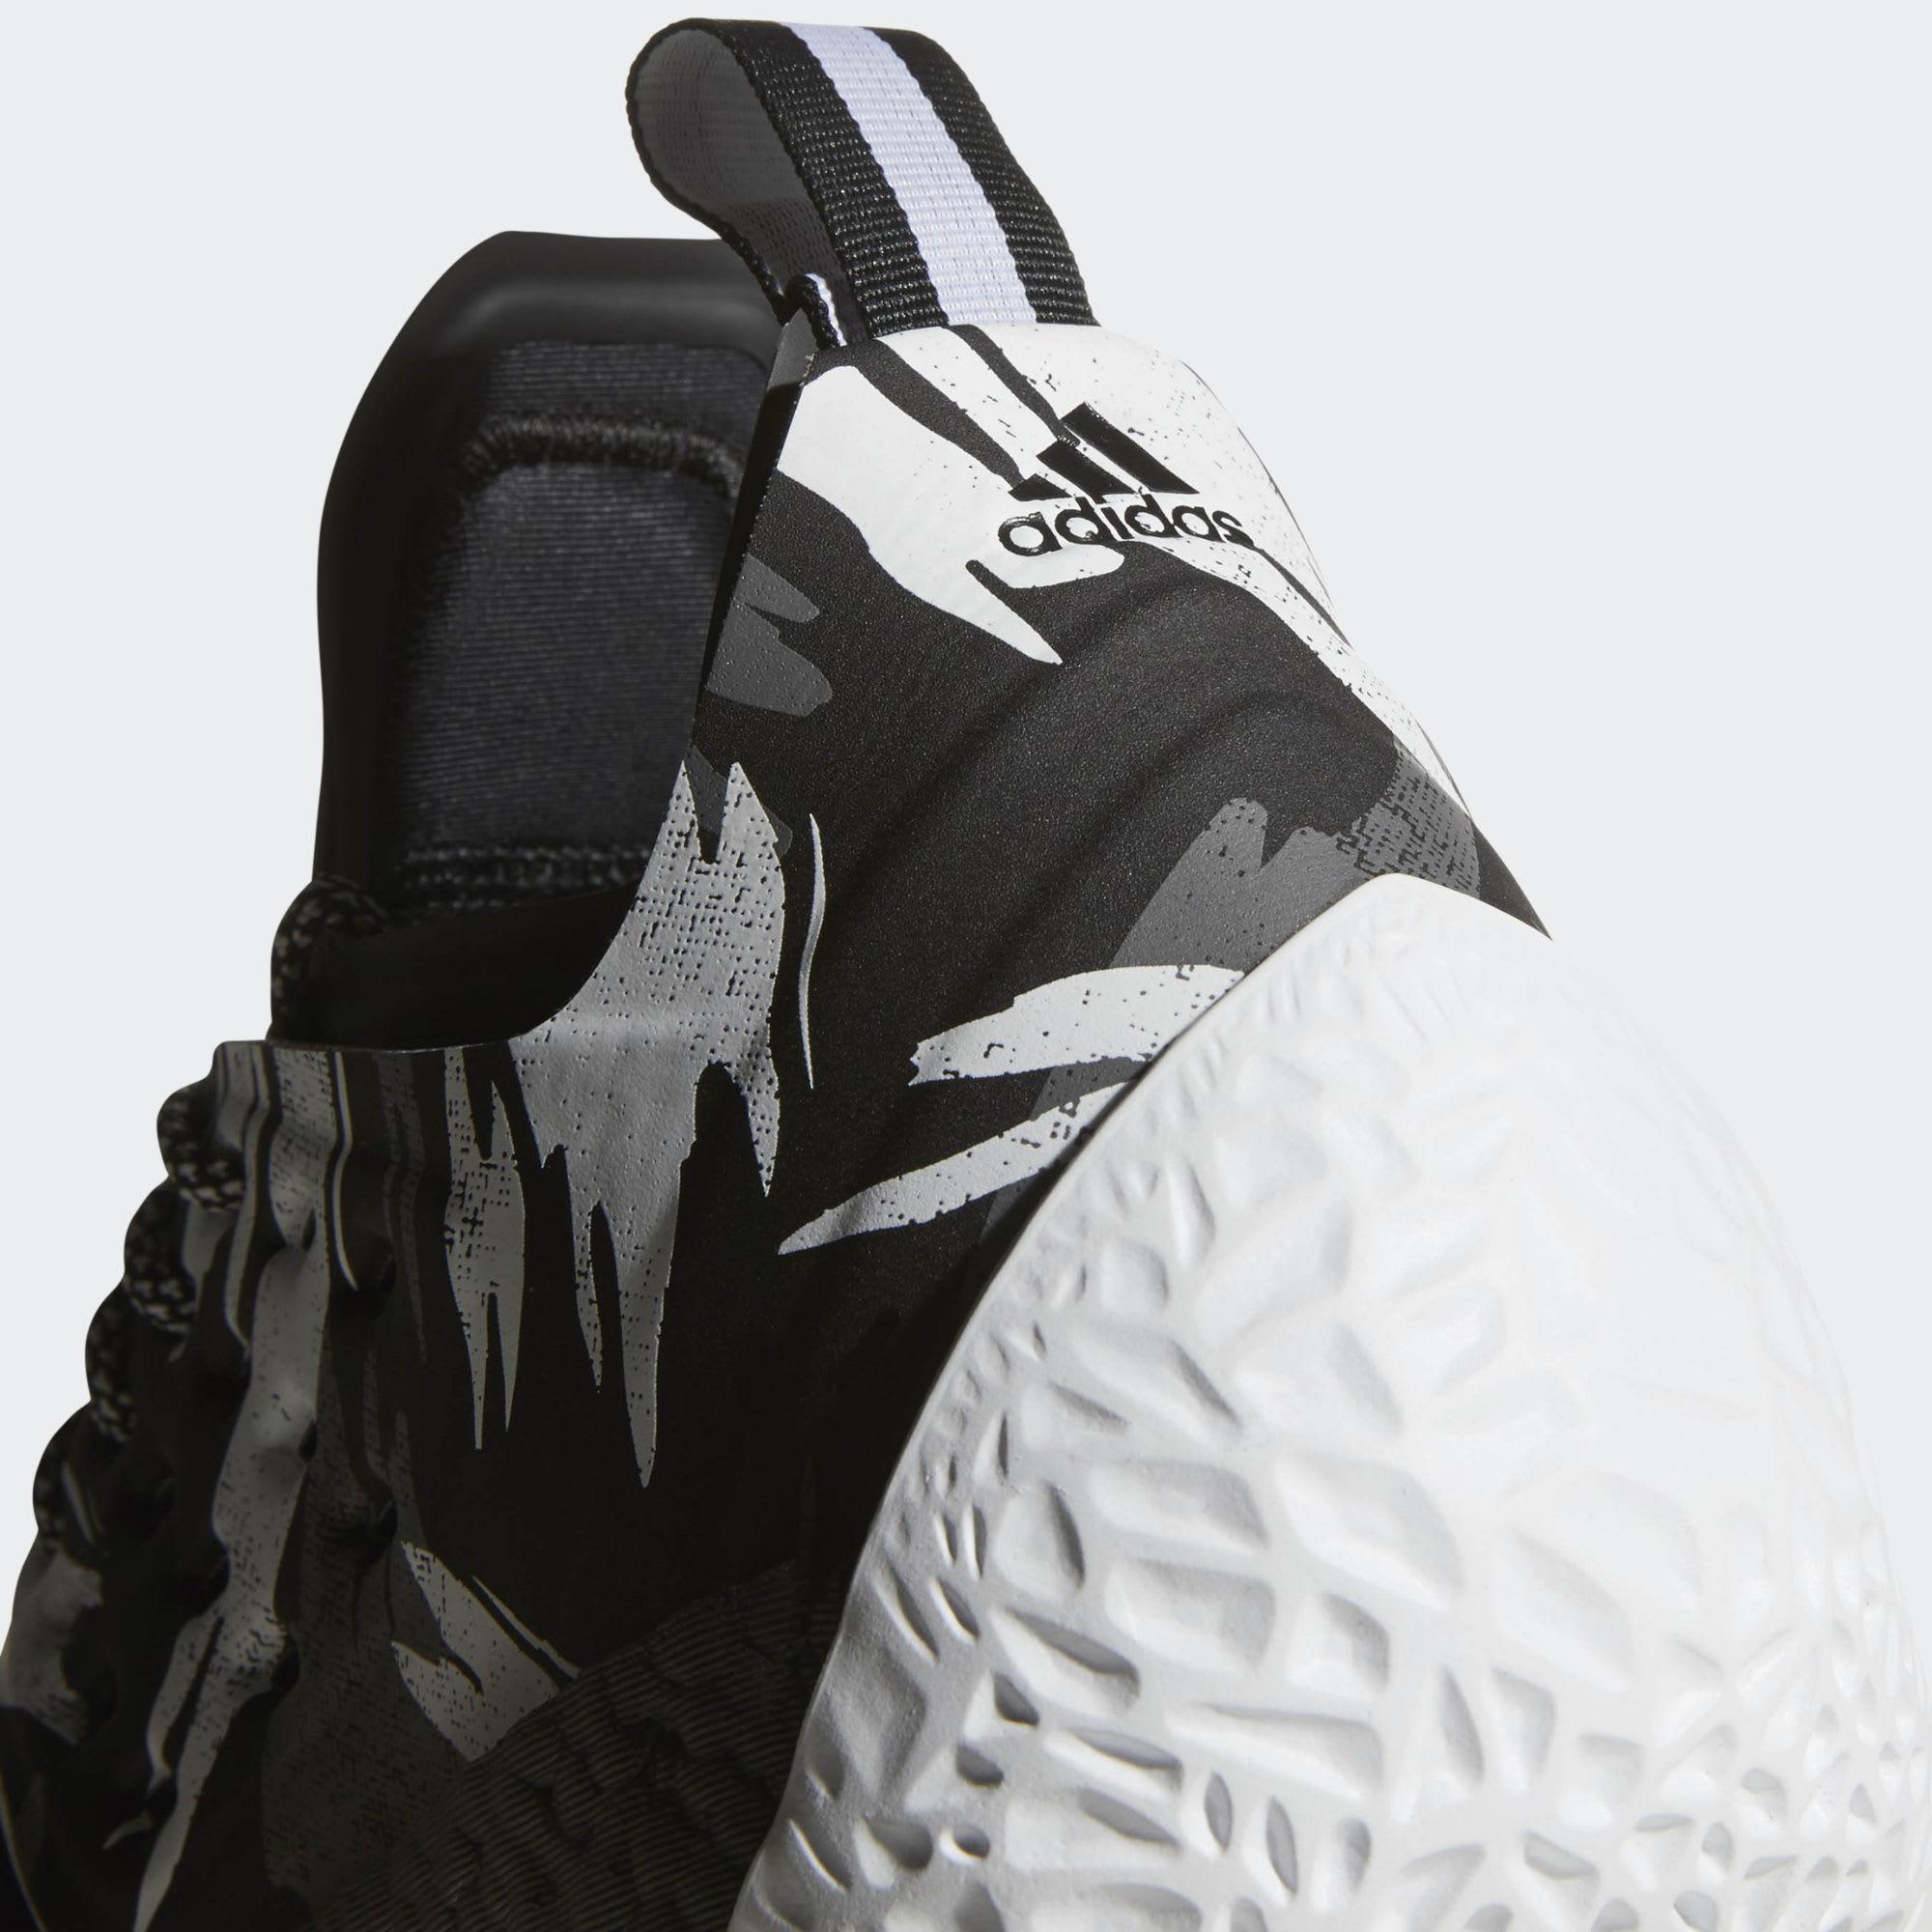 Adidas Harden Vol. 2 Traffic Jam Release Date AH2217 Heel